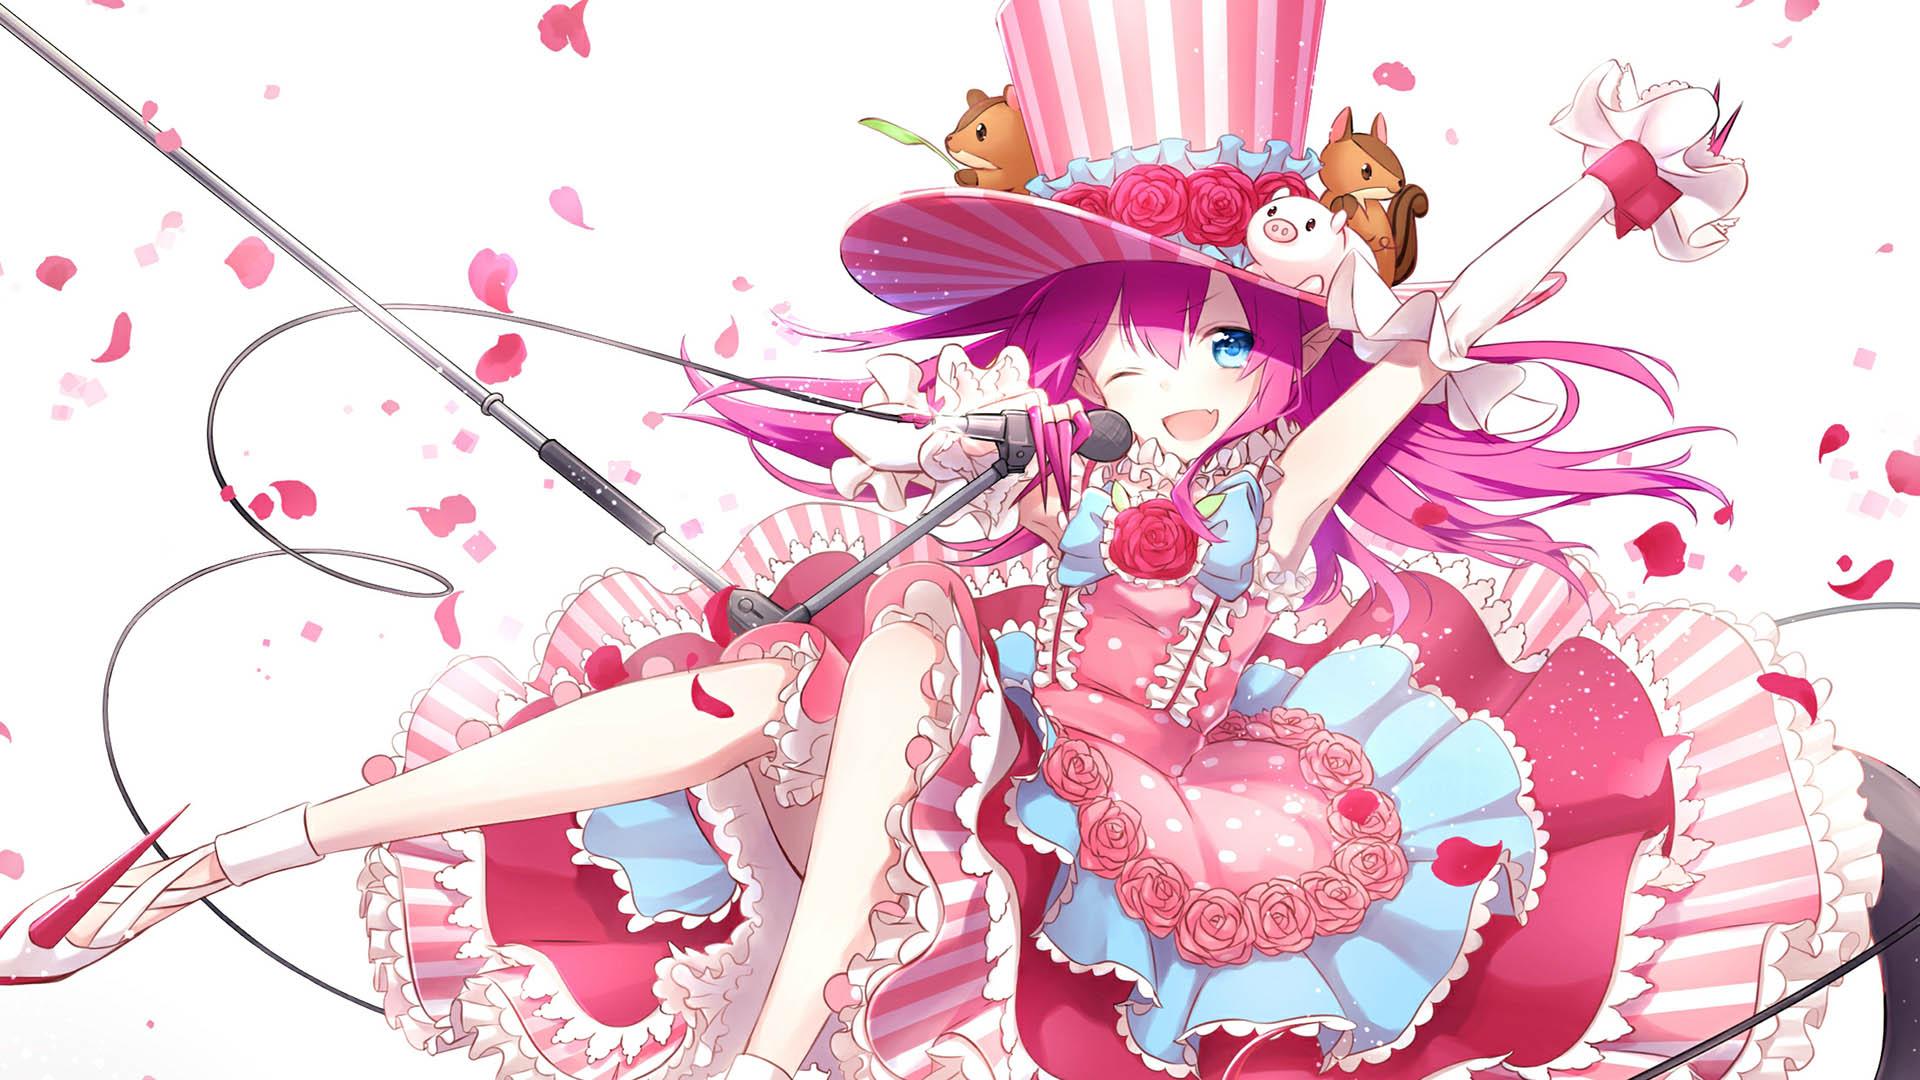 日本插画彩色美女桌面壁纸